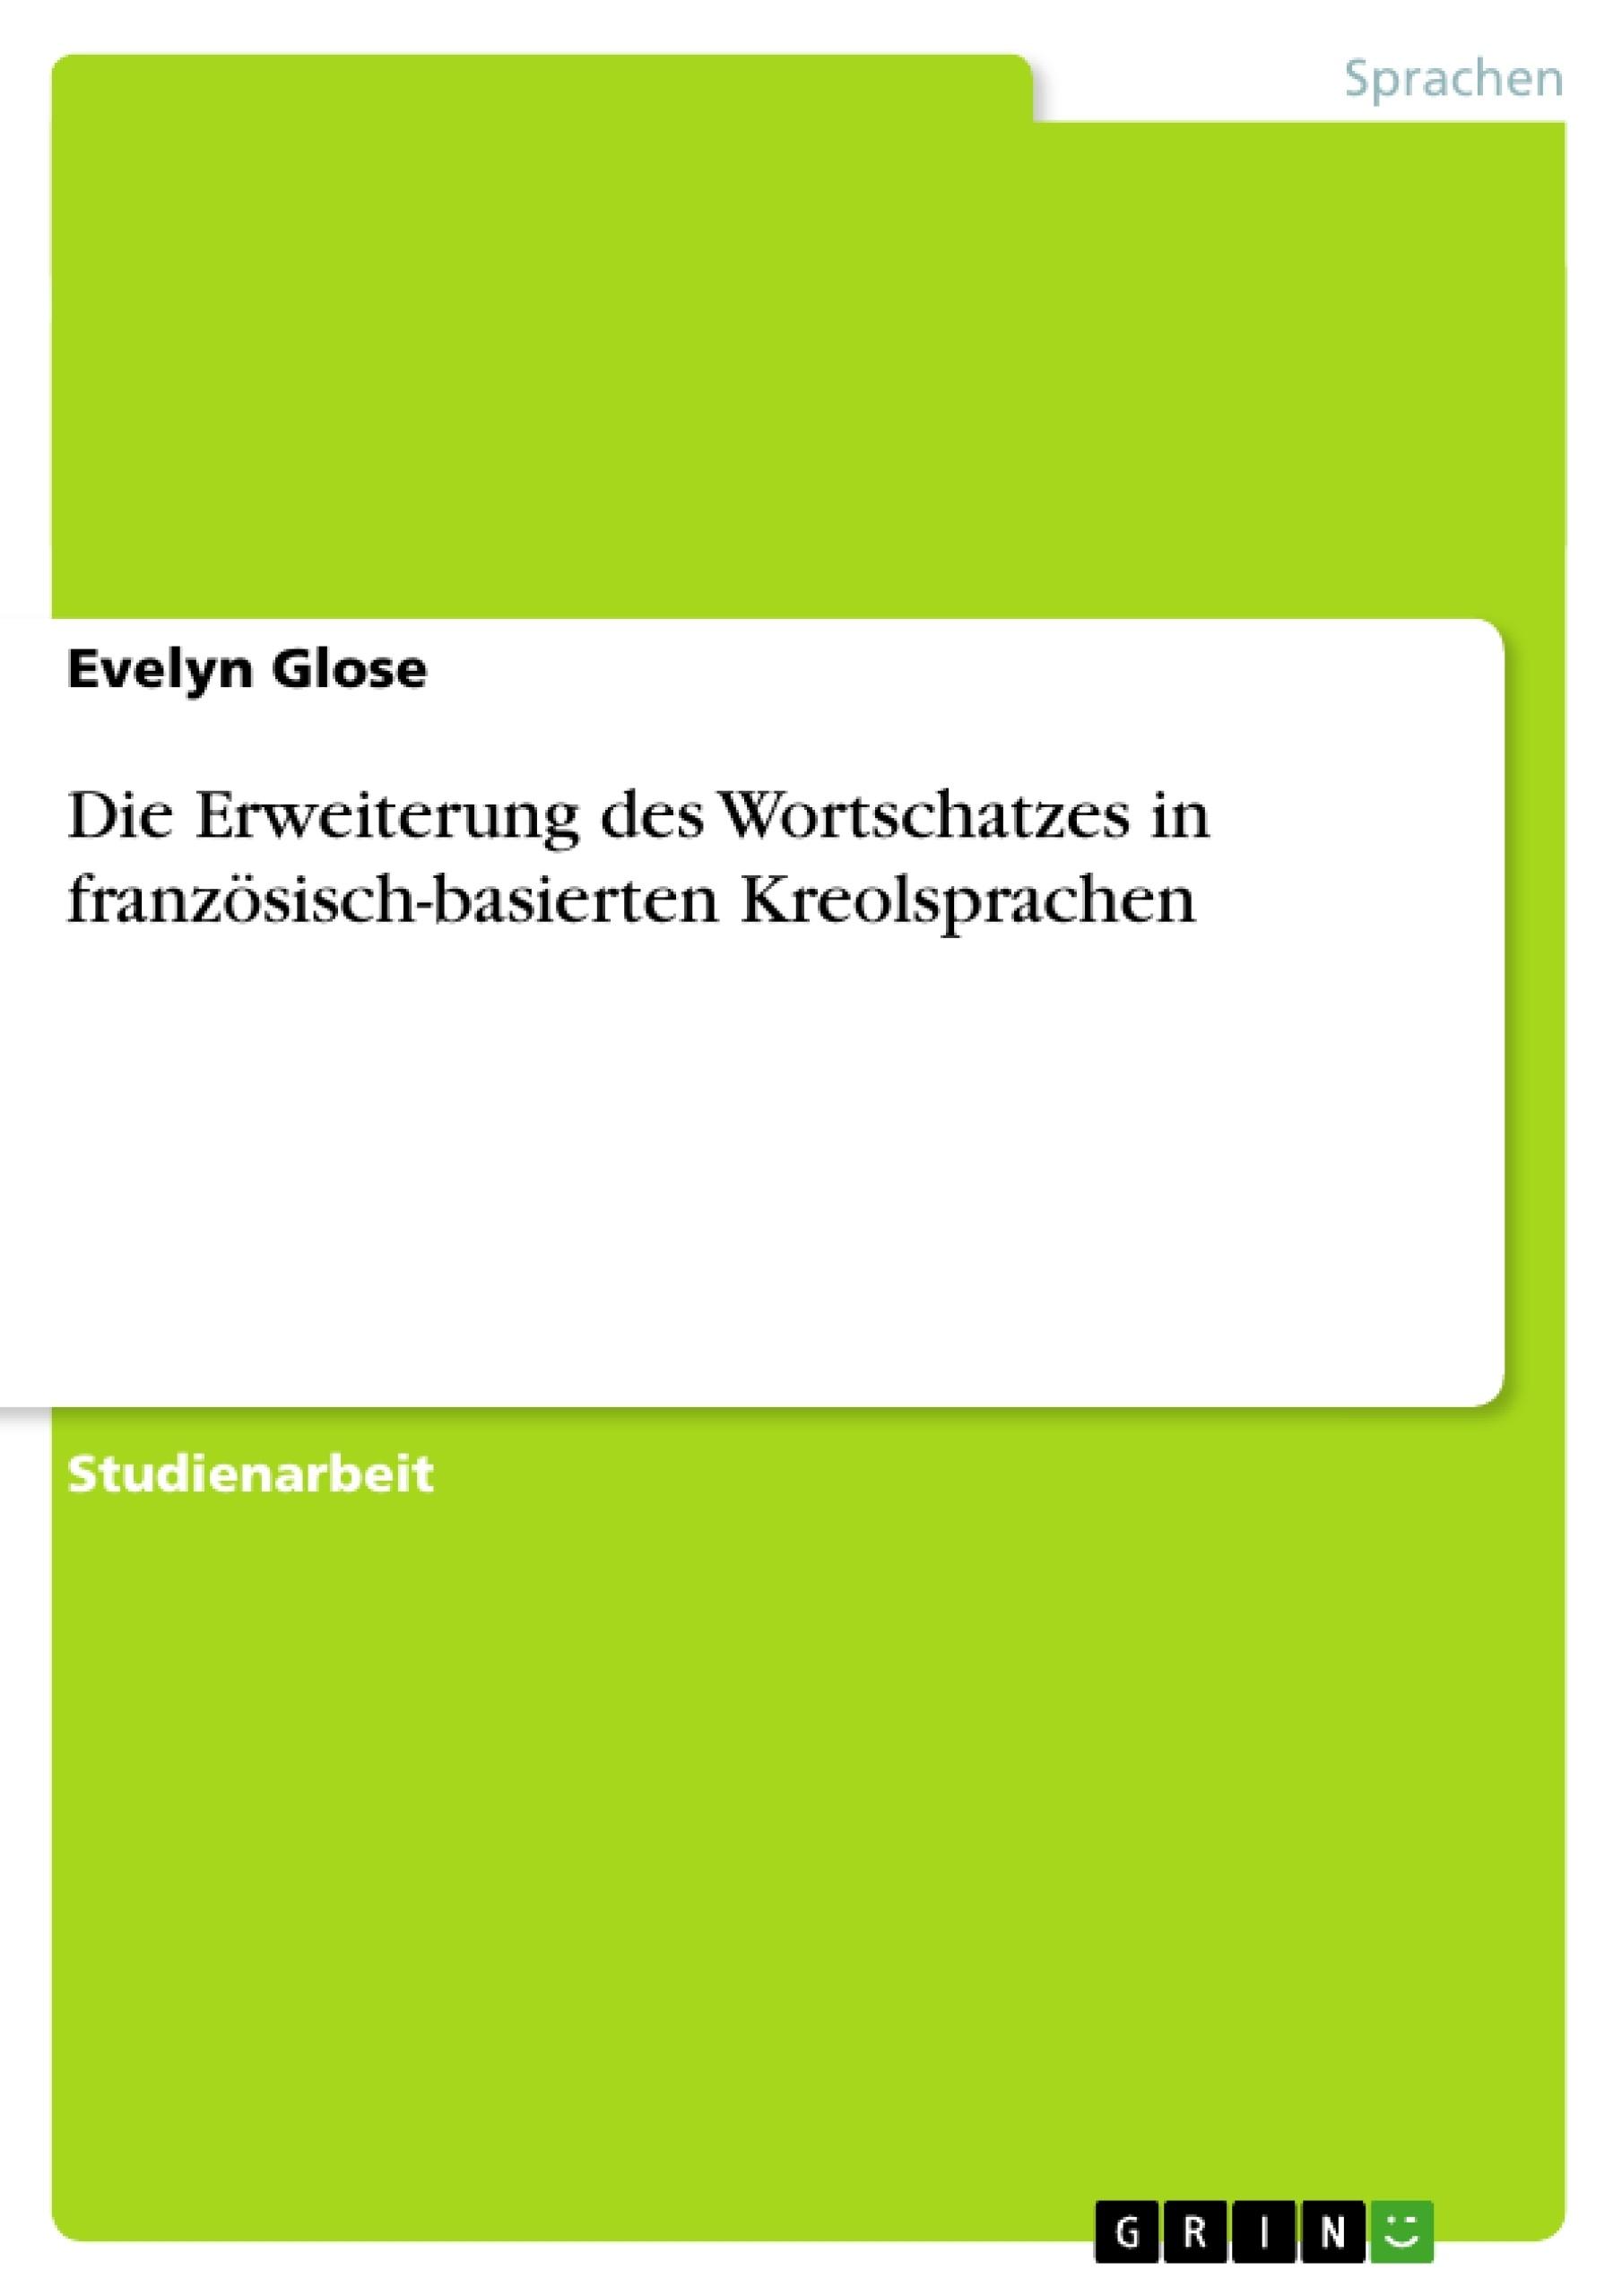 Titel: Die Erweiterung des Wortschatzes in französisch-basierten Kreolsprachen